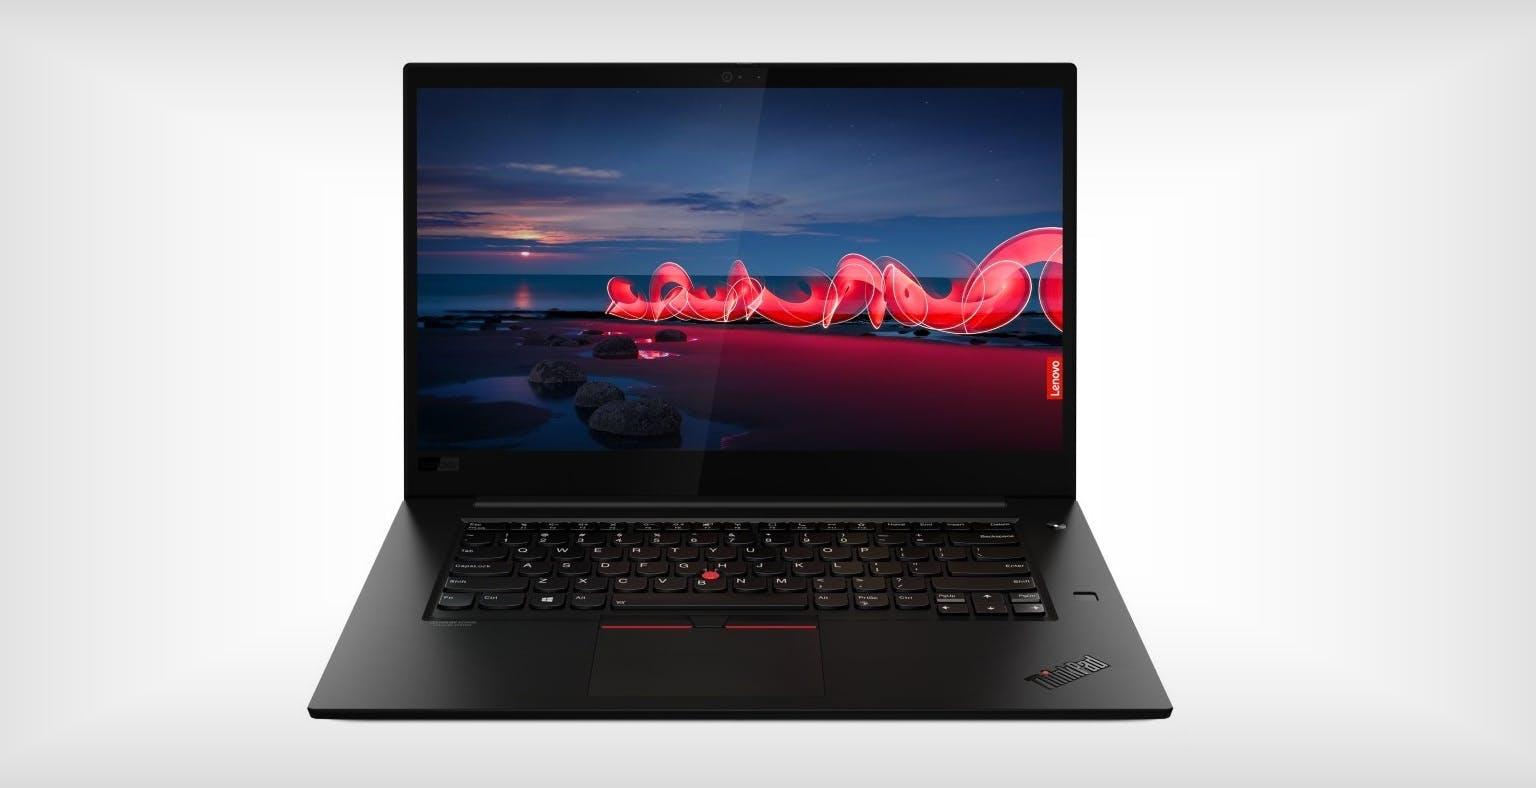 Lenovo aggiorna la serie ThinkPad con i processori Intel di decima generazione